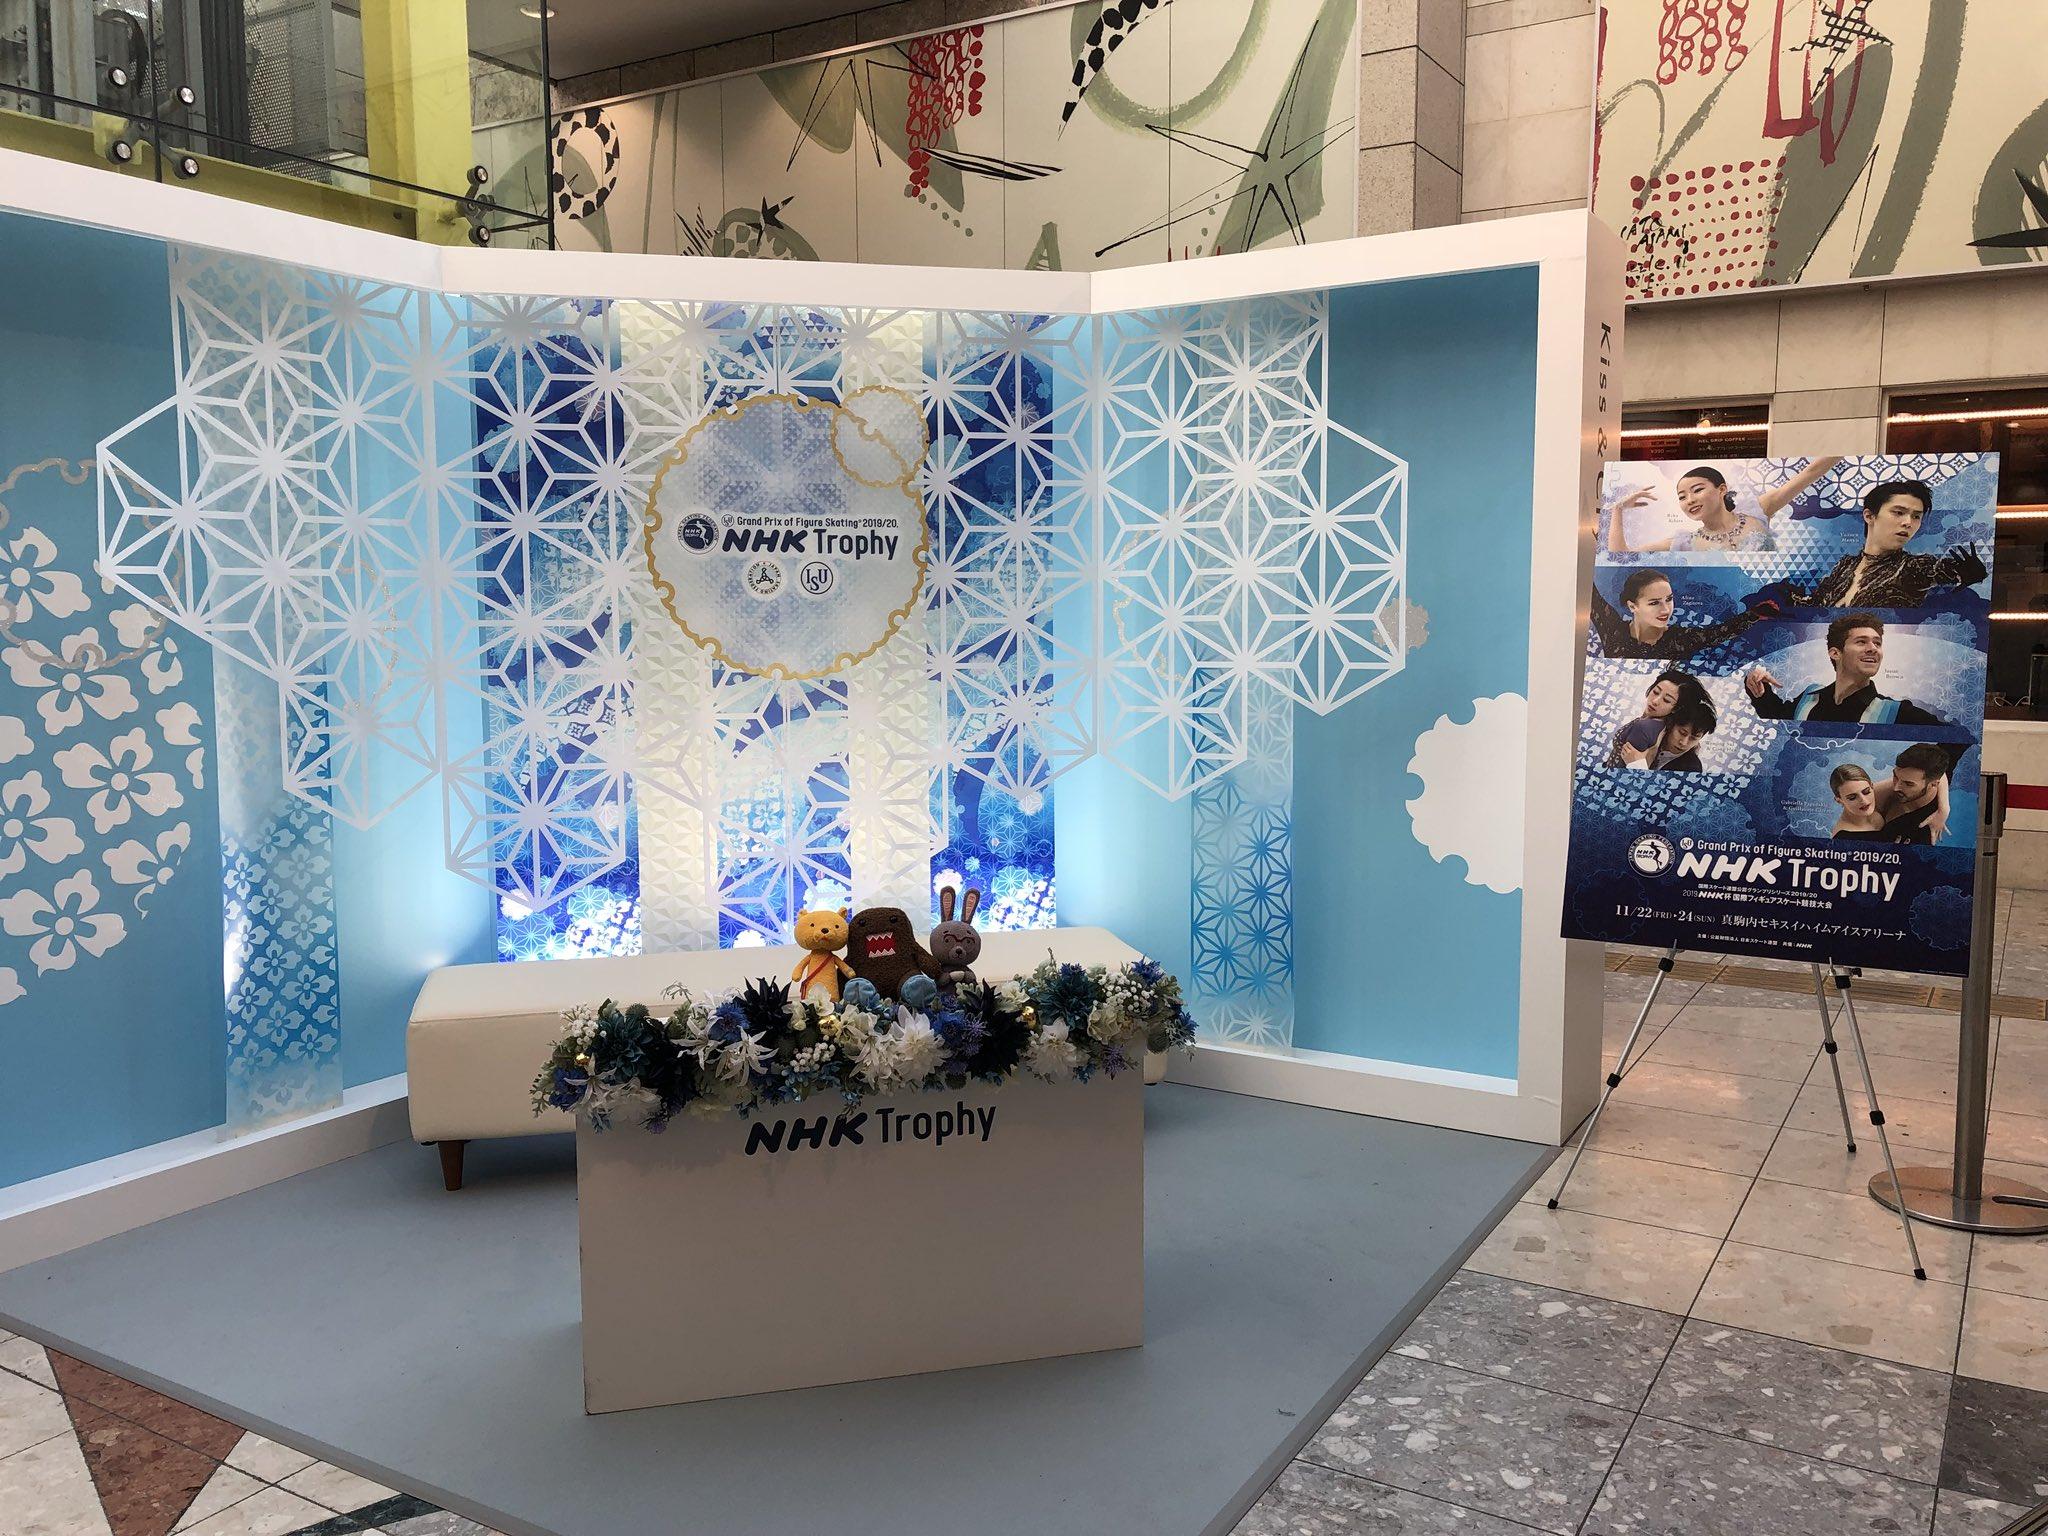 GP - 6 этап. NHK Trophy Sapporo / JPN November 22-24, 2019 EJdTZ-TUwAcNdJi?format=jpg&name=4096x4096